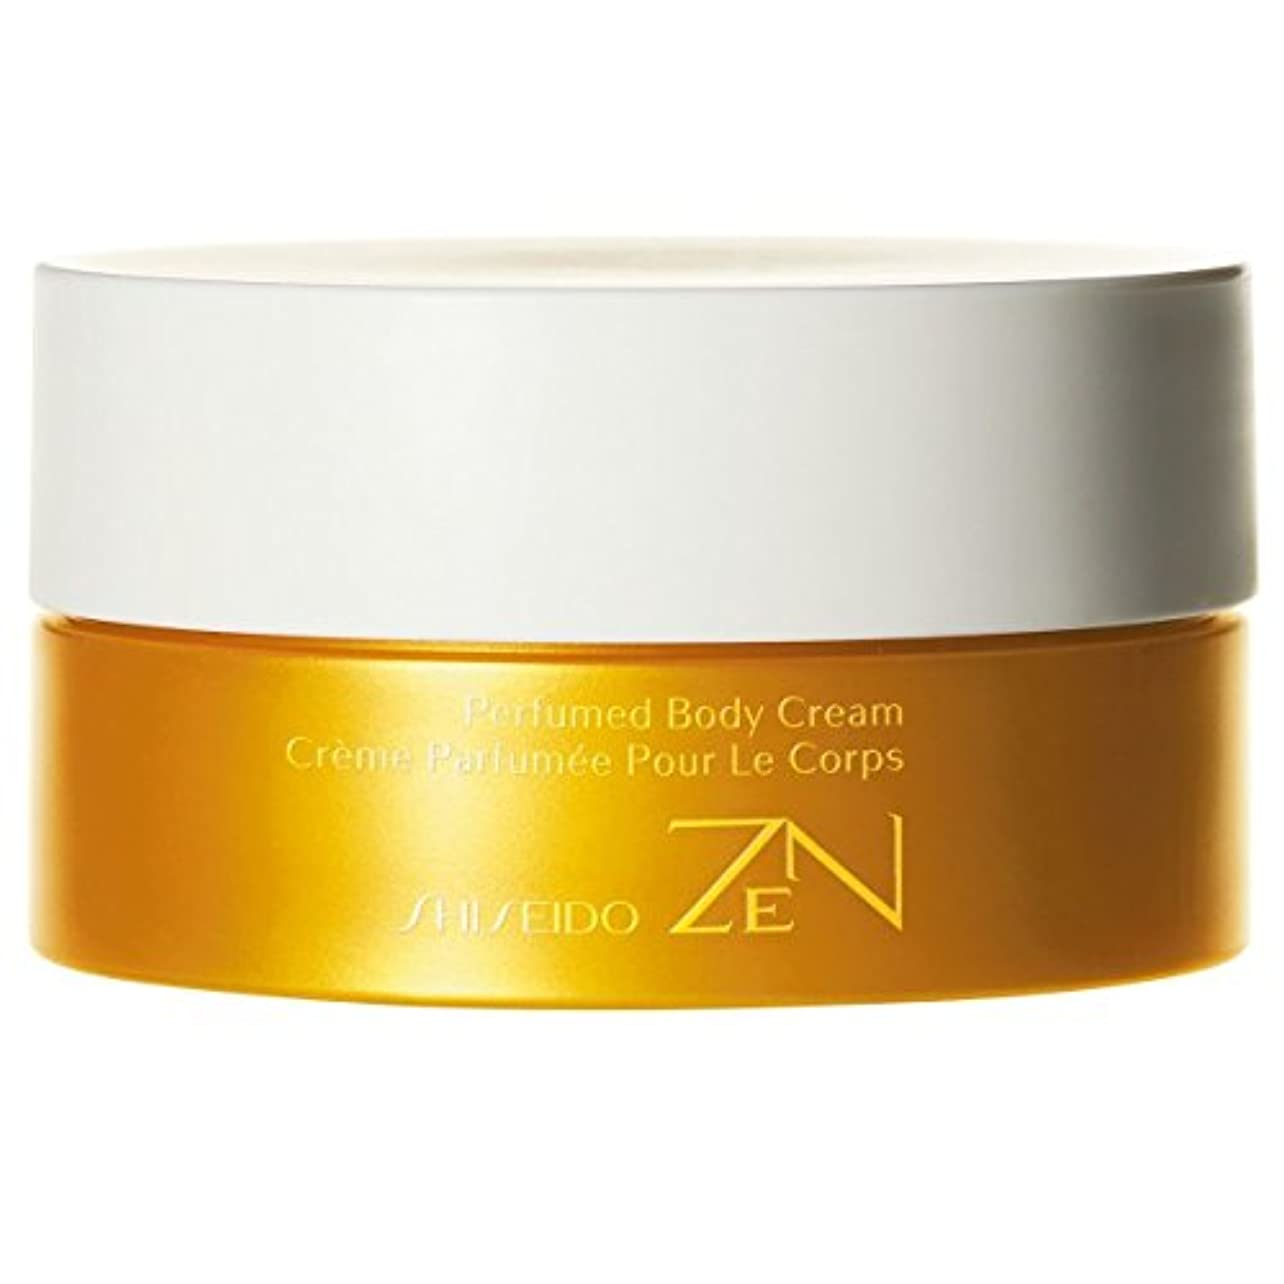 今晩租界違法[Shiseido ] 資生堂禅香りのボディクリーム200ミリリットル - Shiseido Zen Perfumed Body Cream 200ml [並行輸入品]